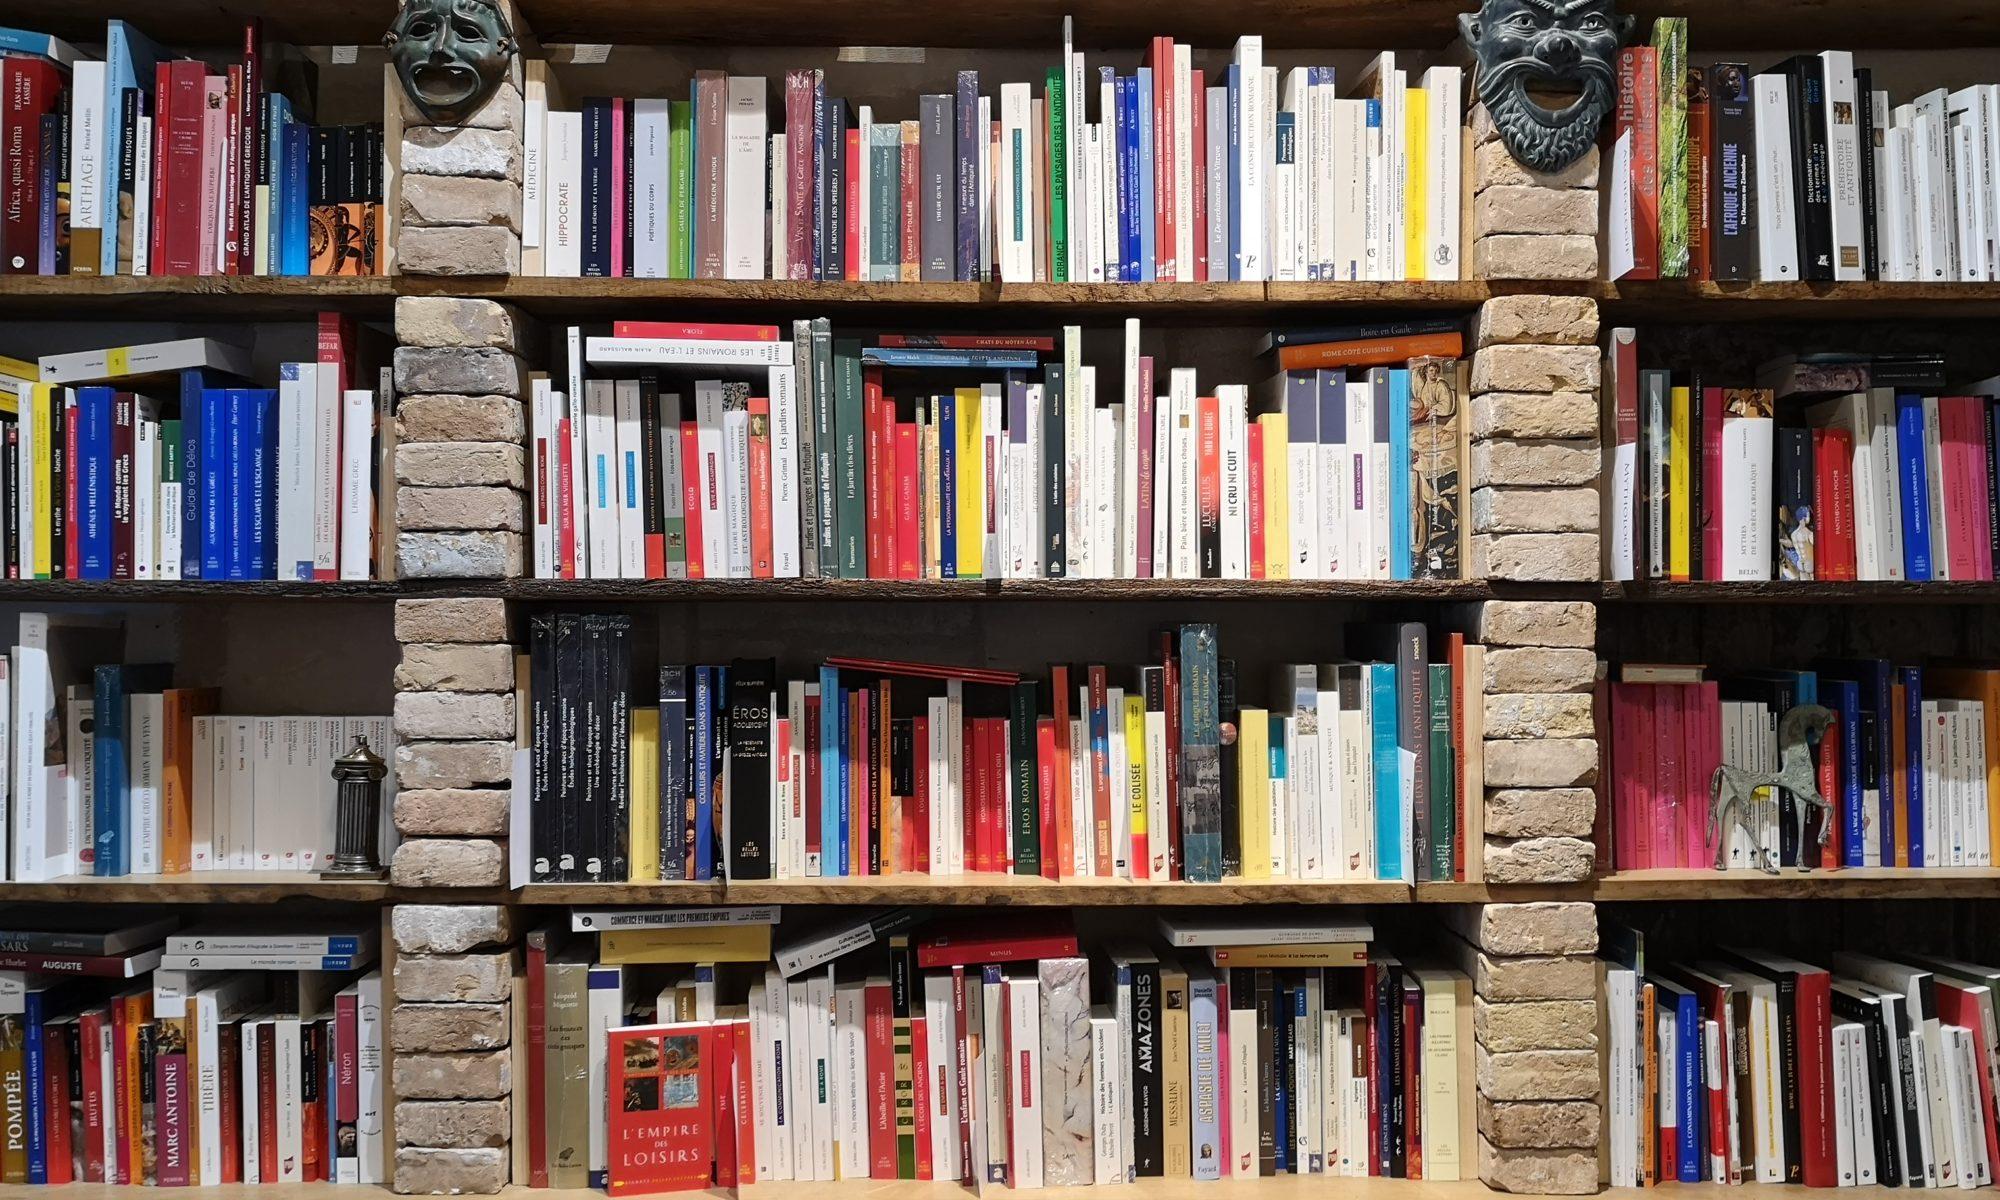 De natura rerum, librairie spécialisée sur l'Antiquité